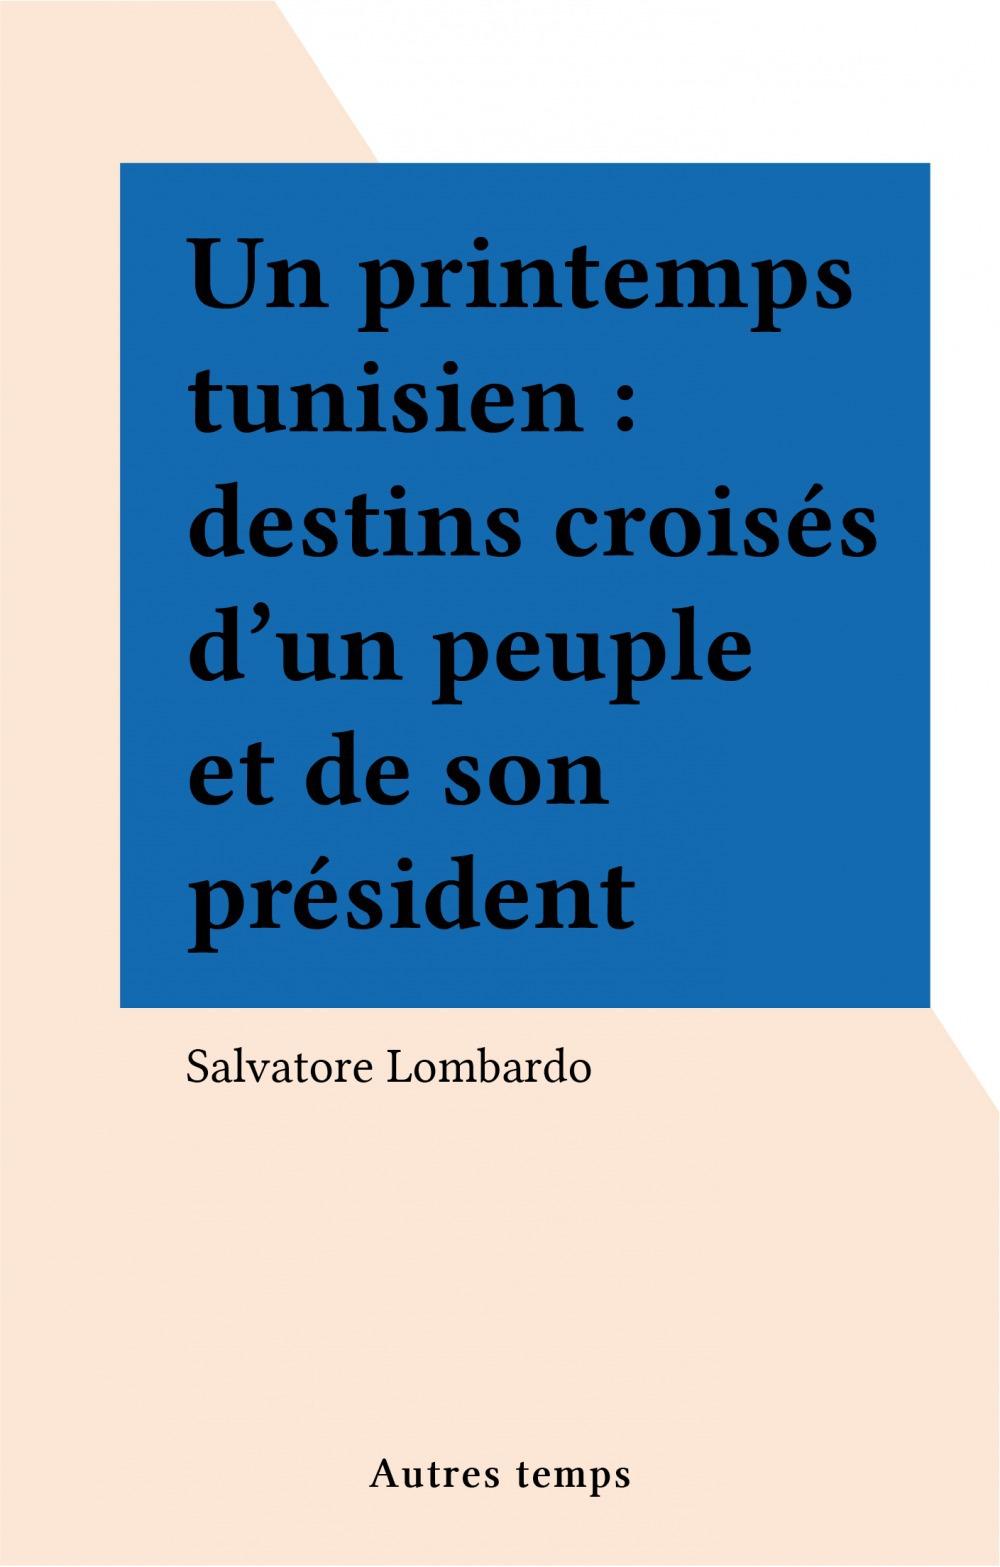 Un printemps tunisien : destins croisés d'un peuple et de son président